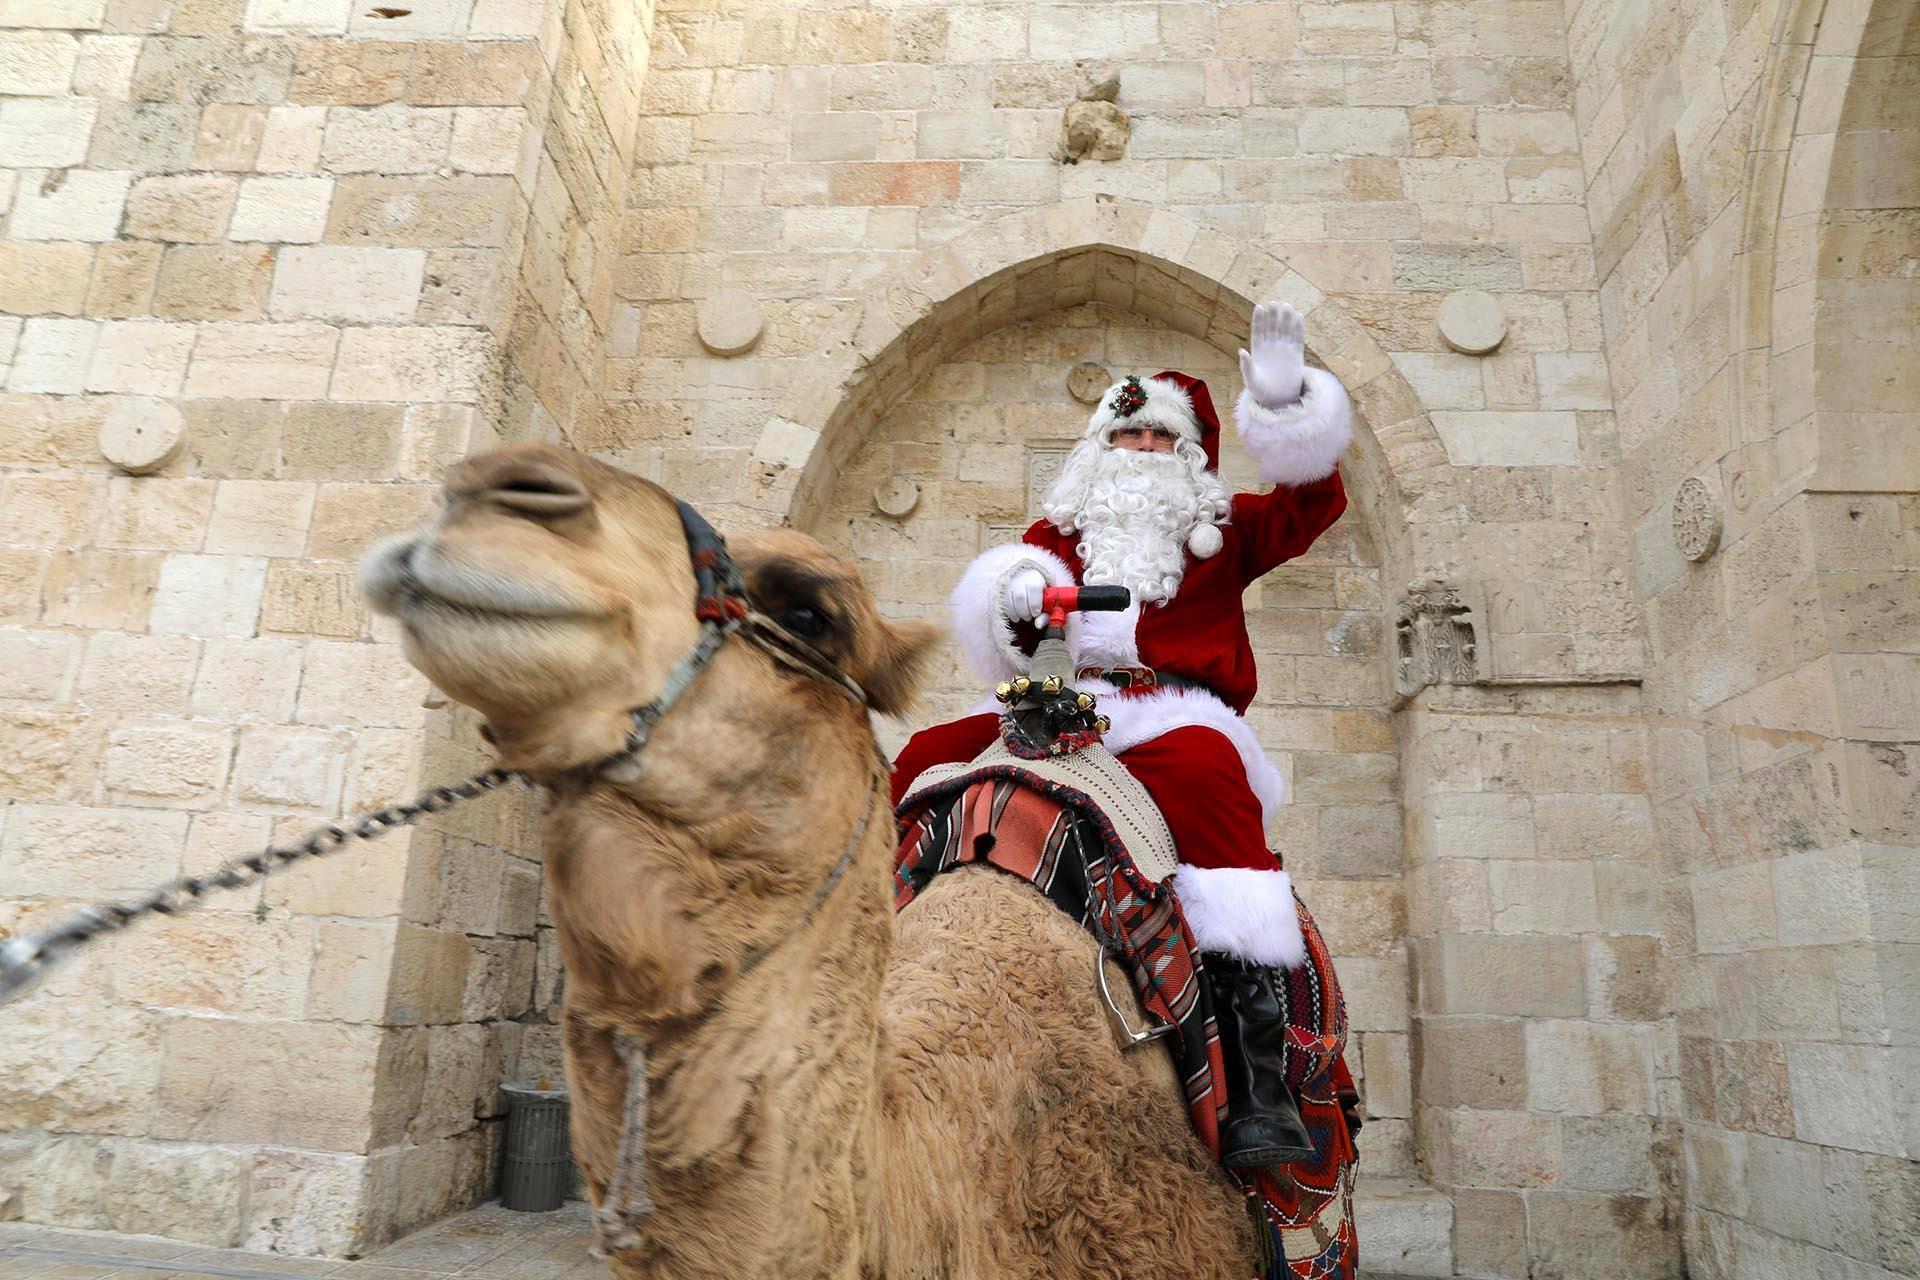 Joulupukki kulki poron sijaan kamelilla Jerusalemin vanhassakaupungissa järjestetyssä joulukuusitapahtumassa.